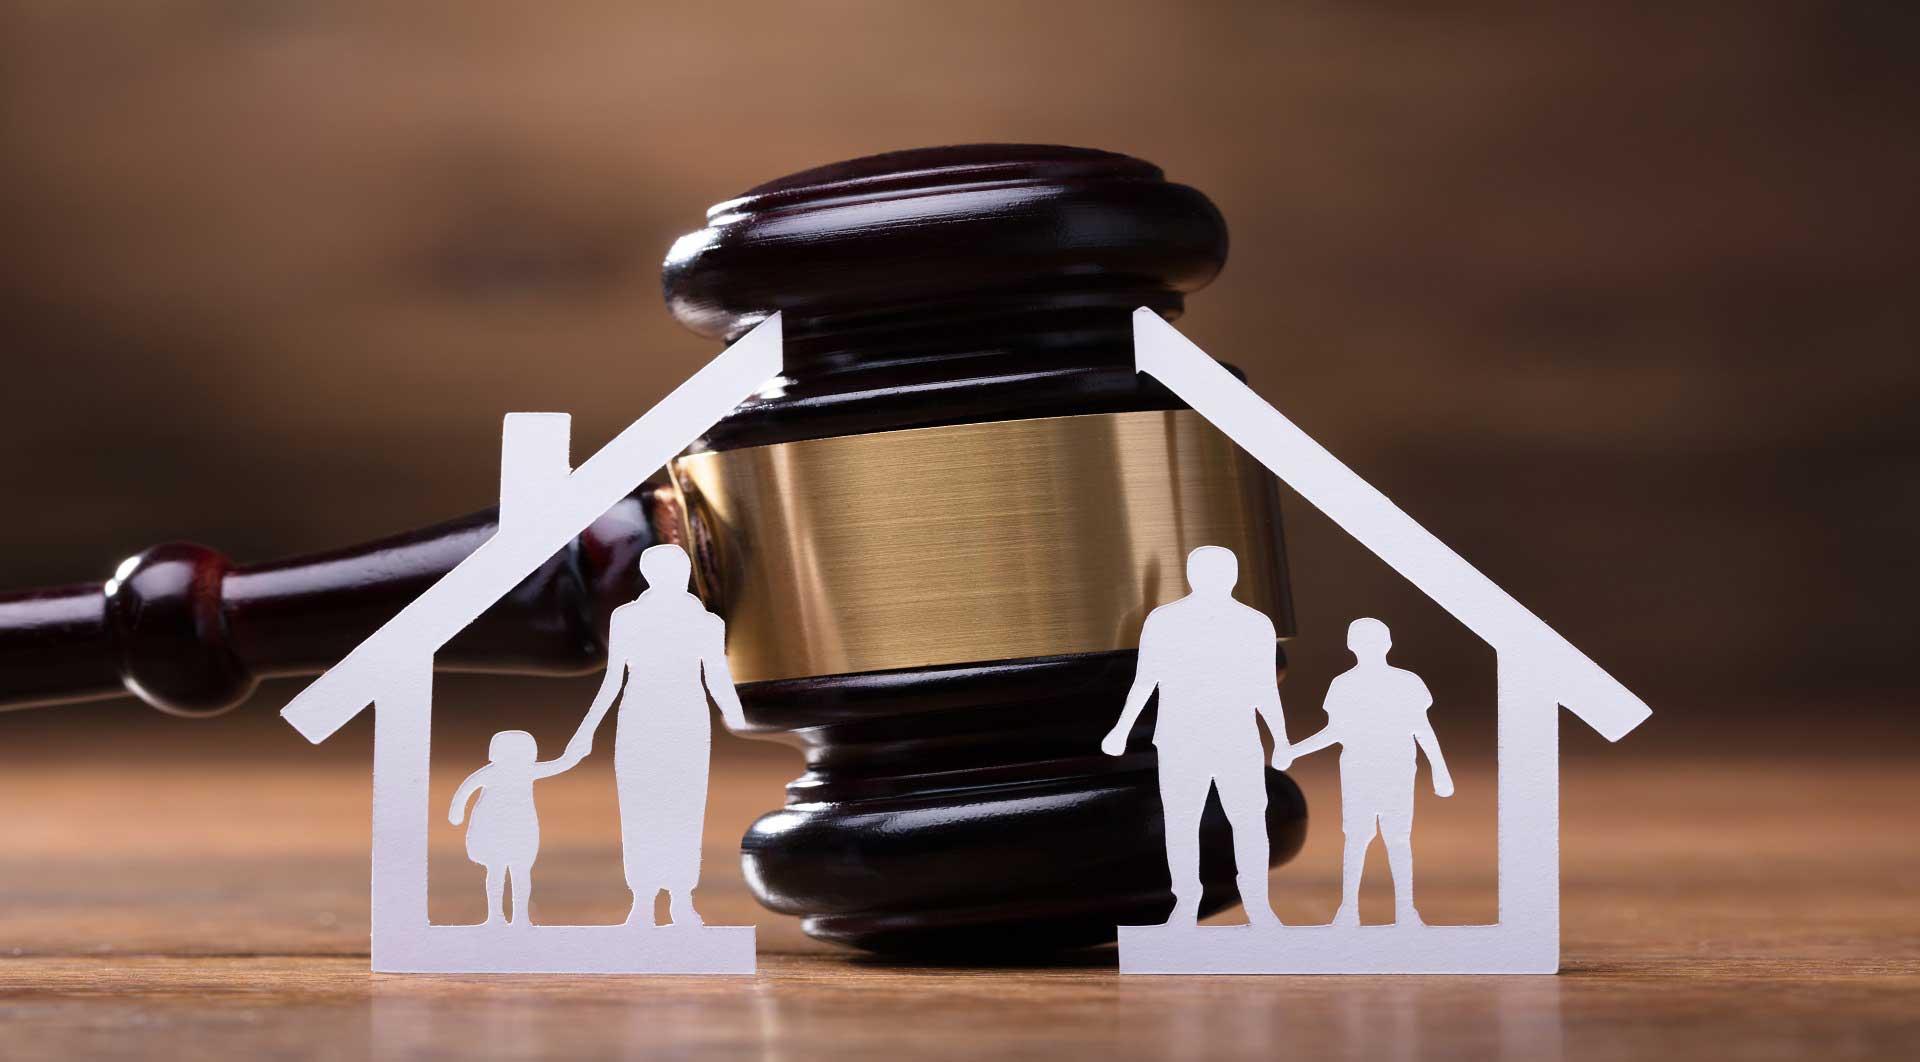 Deducción de la vivienda separaciones matrimonio Sanchis asesores